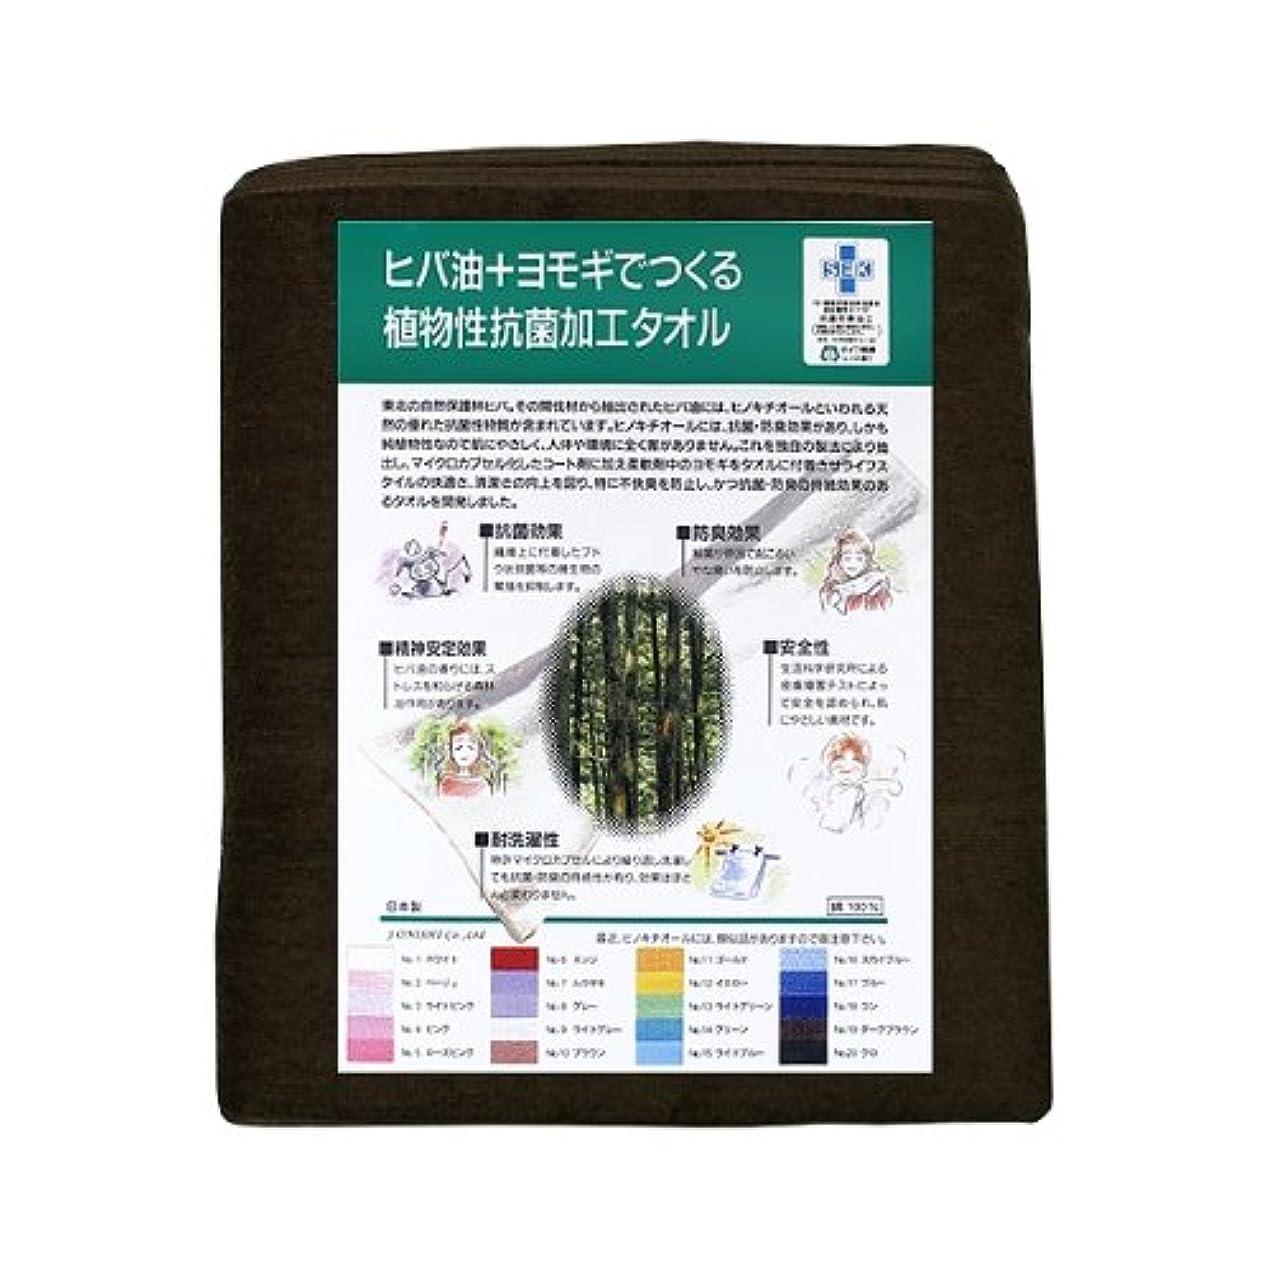 階下現代の宿るヒバ油+ヨモギでつくる植物性抗菌加工タオル No.19 ダークブラウン 220匁